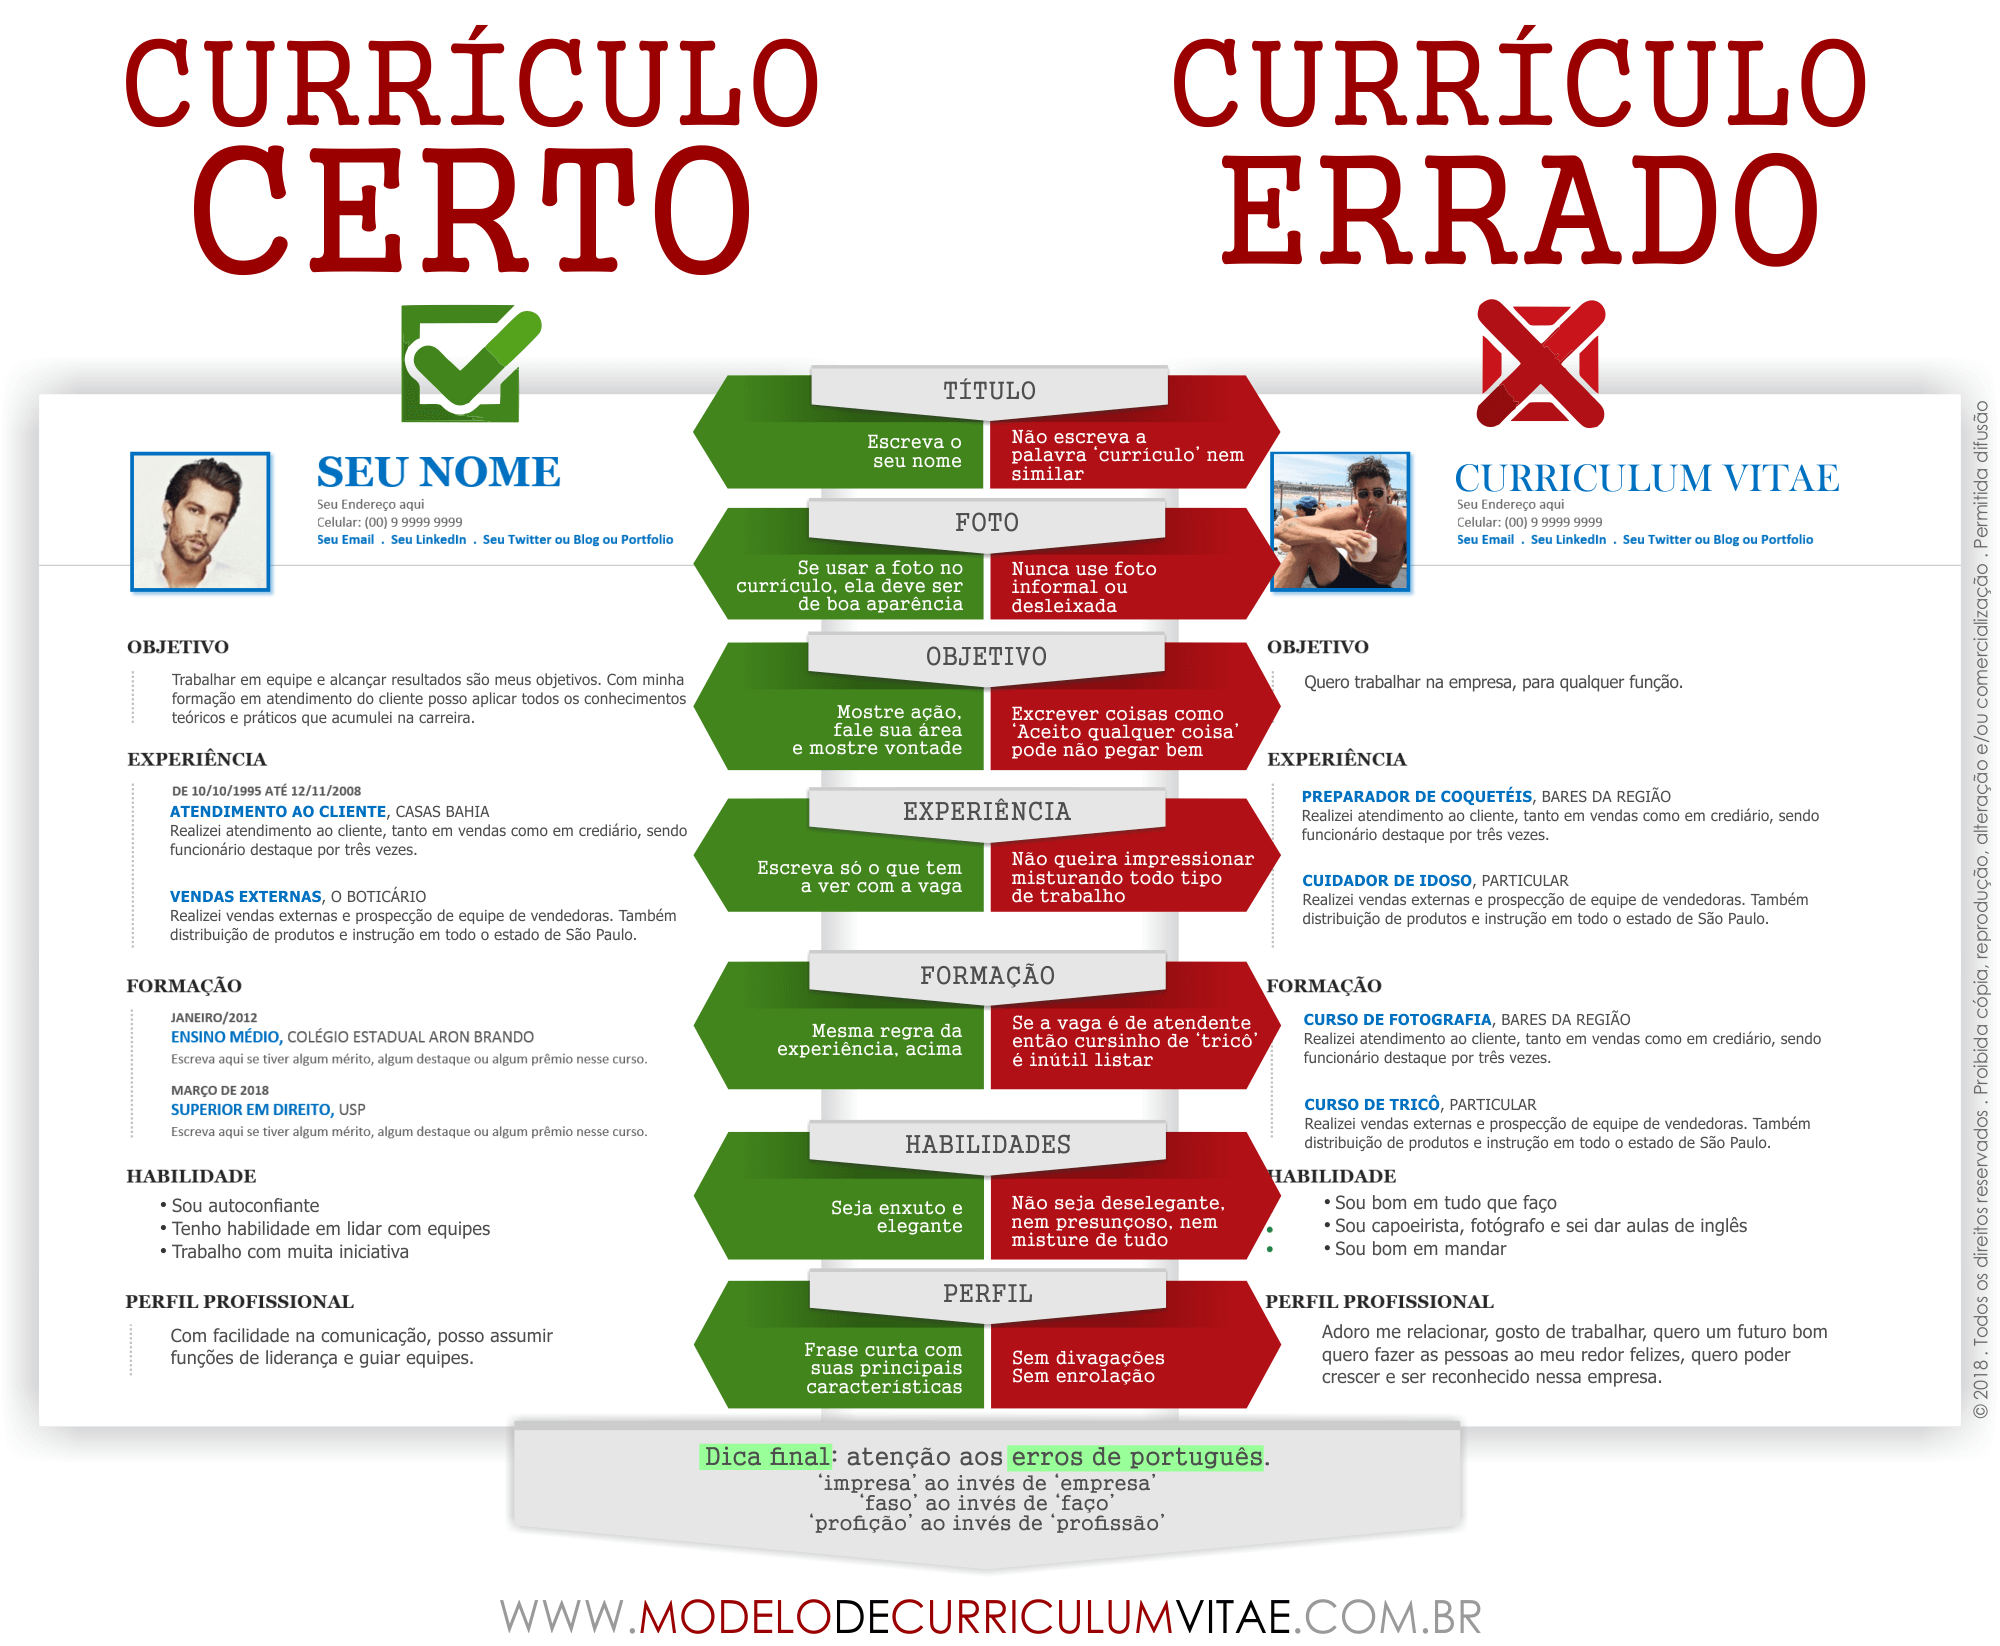 Como Fazer um Currículo - Currículo Correto vs Currículo Errado